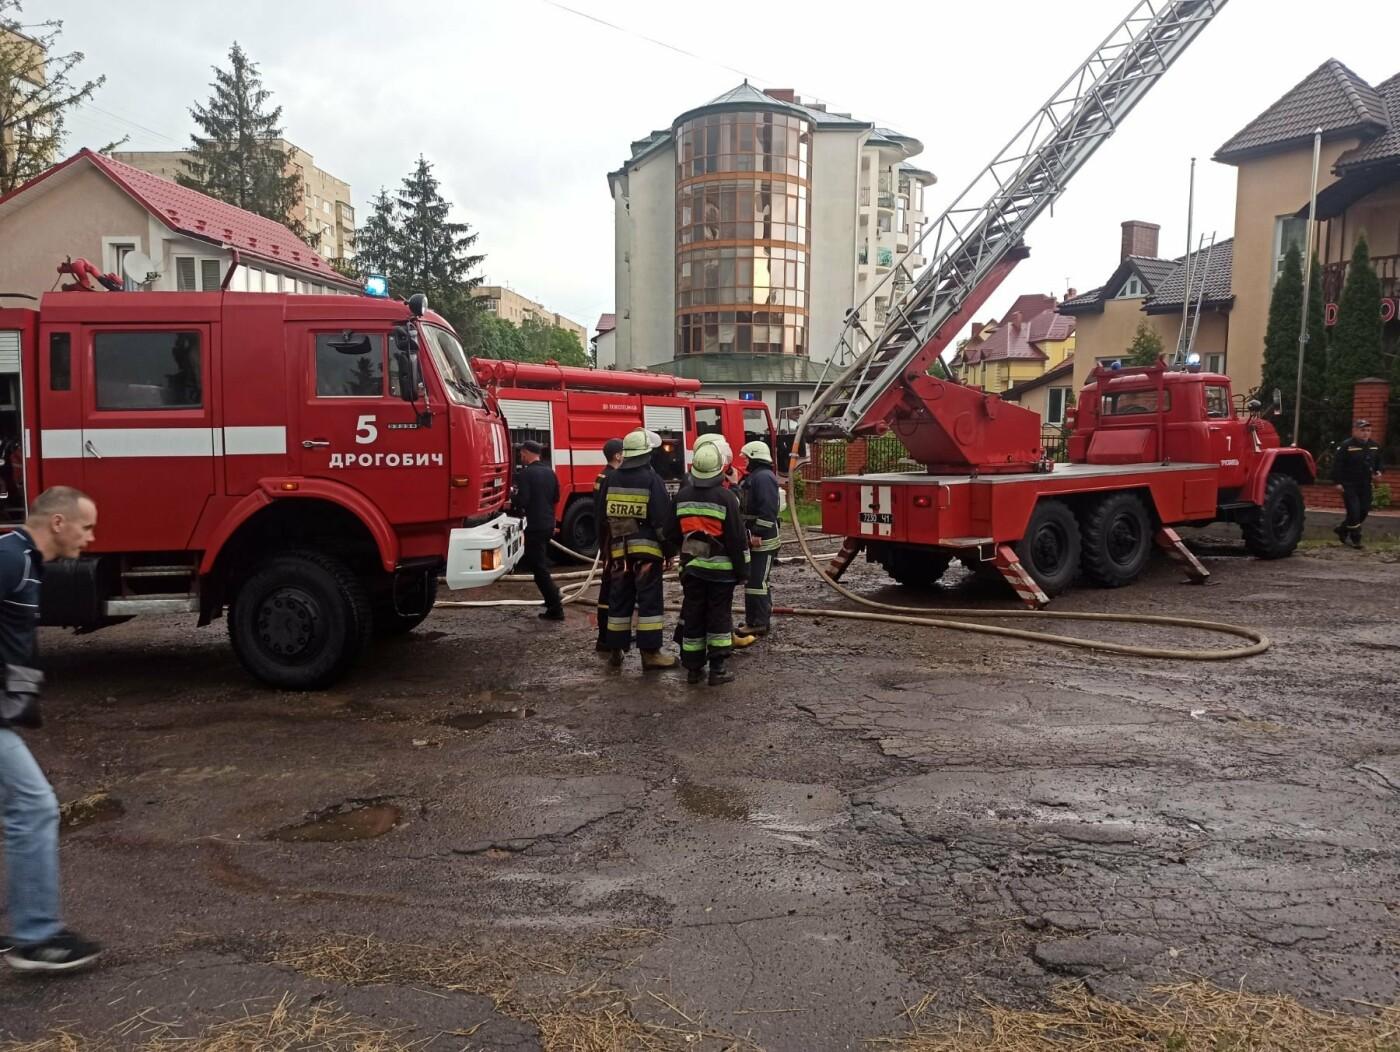 У Трускавці блискавка влучила в готель. На місці працюють пожежники (Відео, фото), фото-6, фото - 03247.com.ua